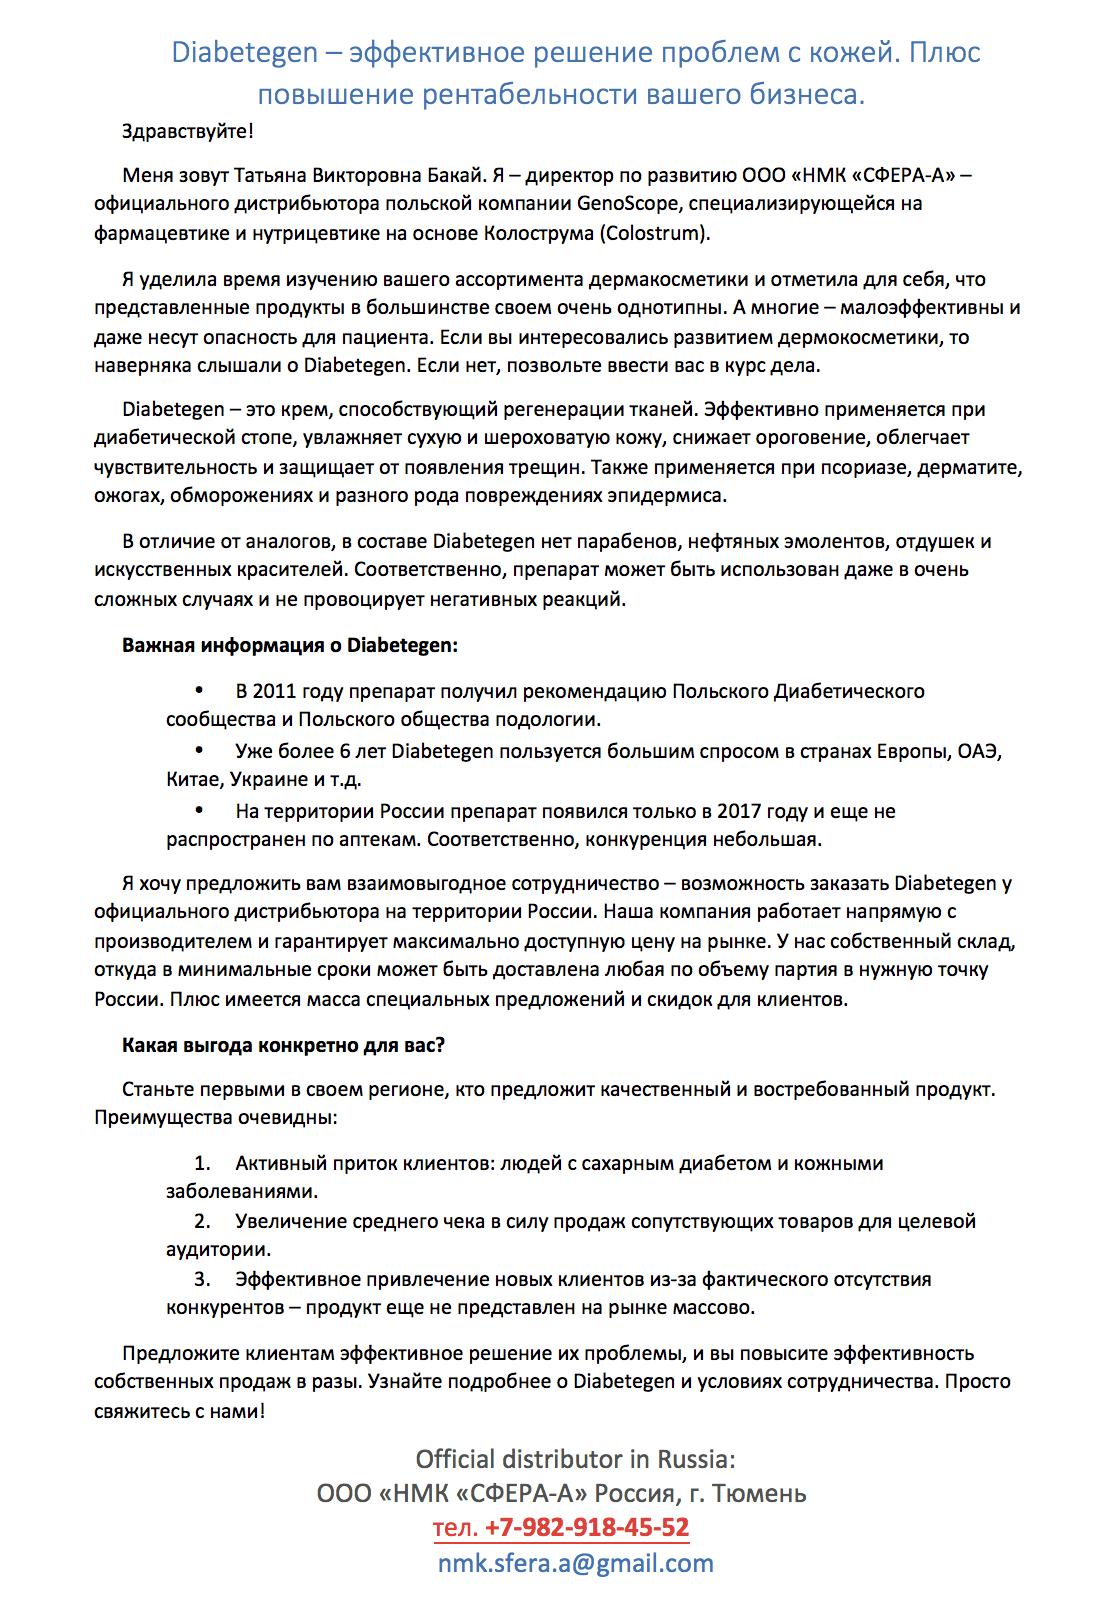 Пример коммерческого предложения № 38 – Коммерческое предложение для Diabetegen.